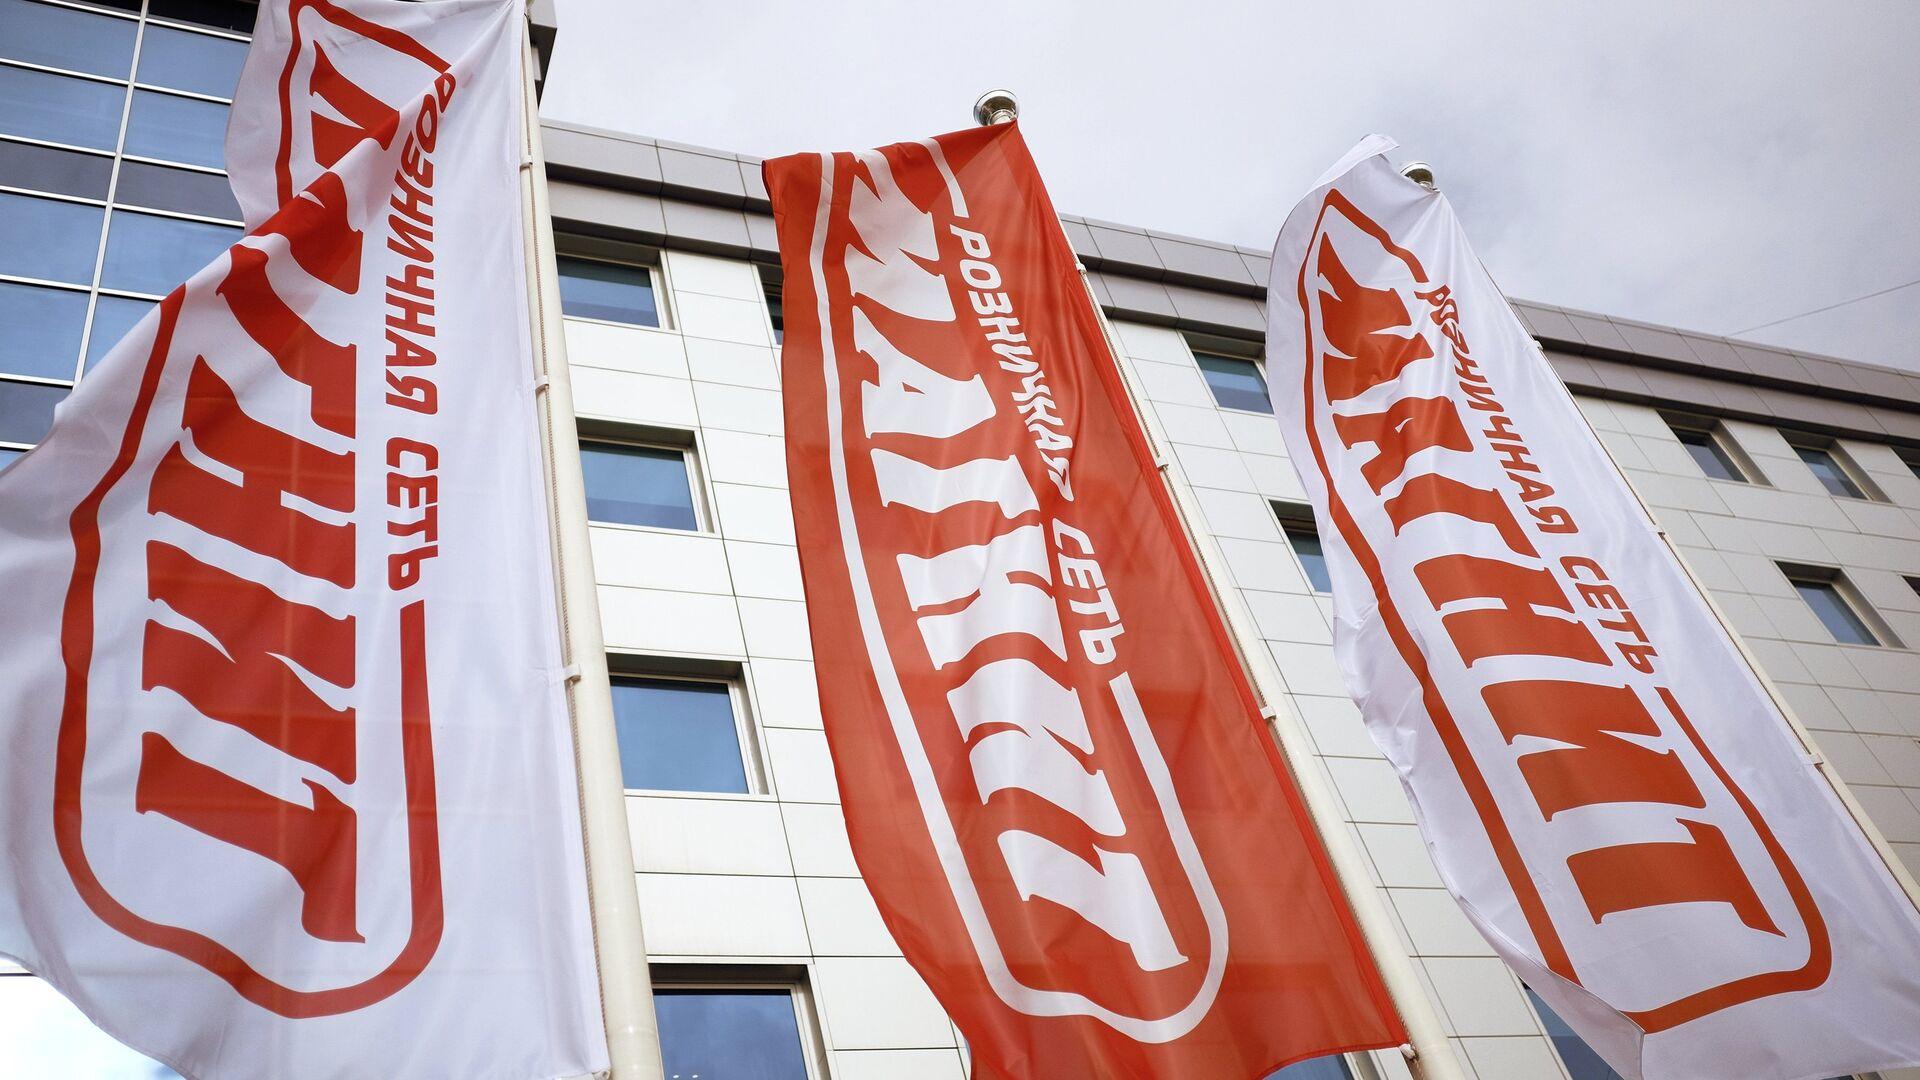 Корпоративные флаги перед головным офисом сети магазинов Магнит - РИА Новости, 1920, 18.05.2021